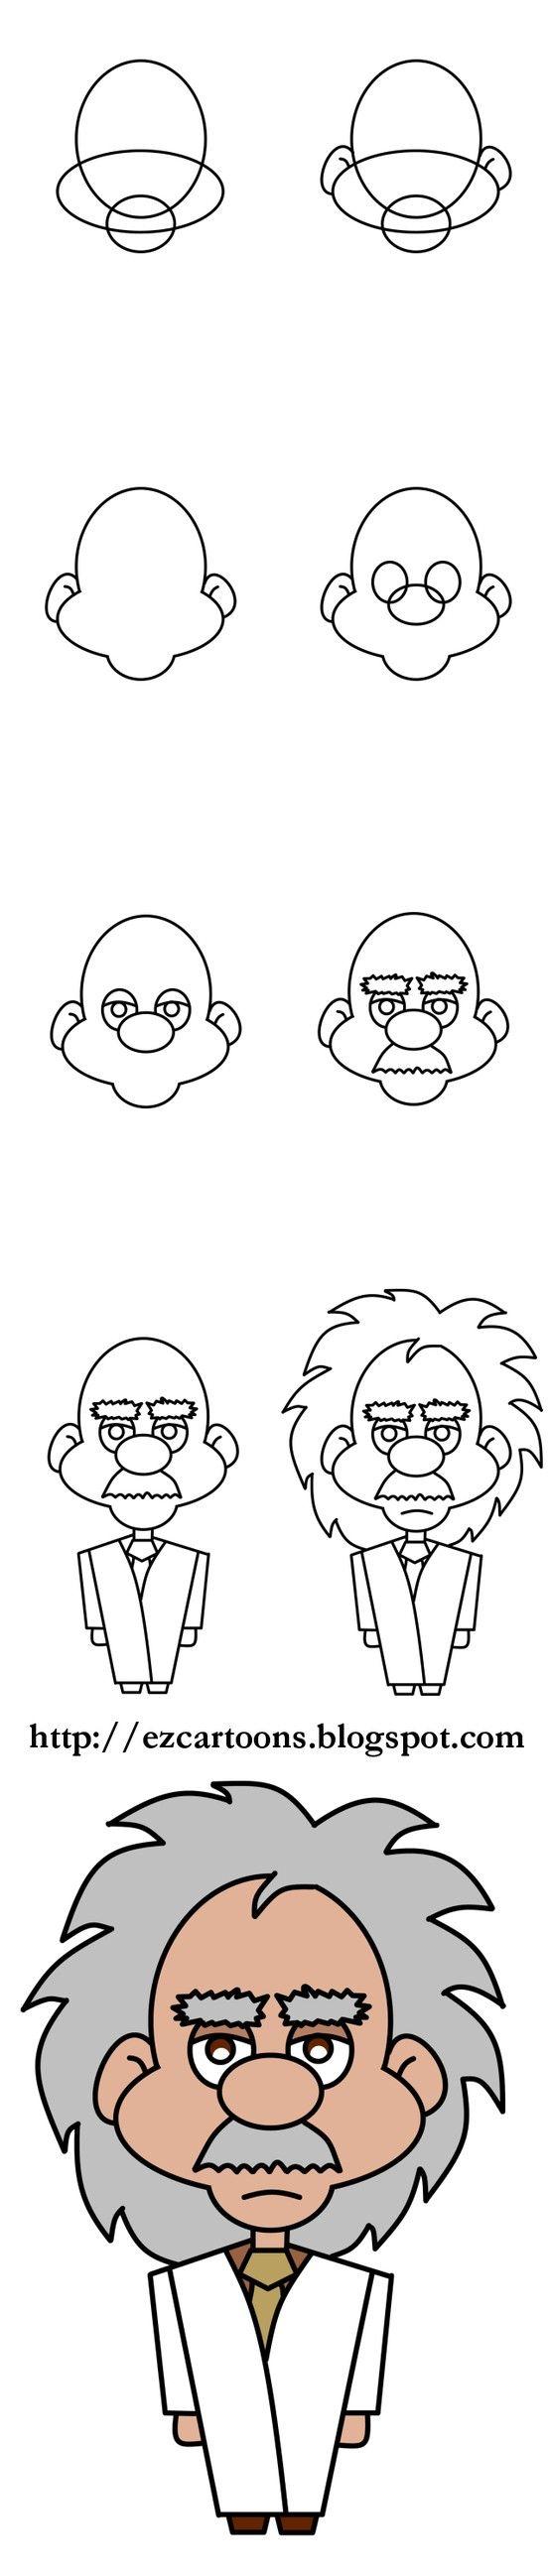 How to Draw Albert Einstein